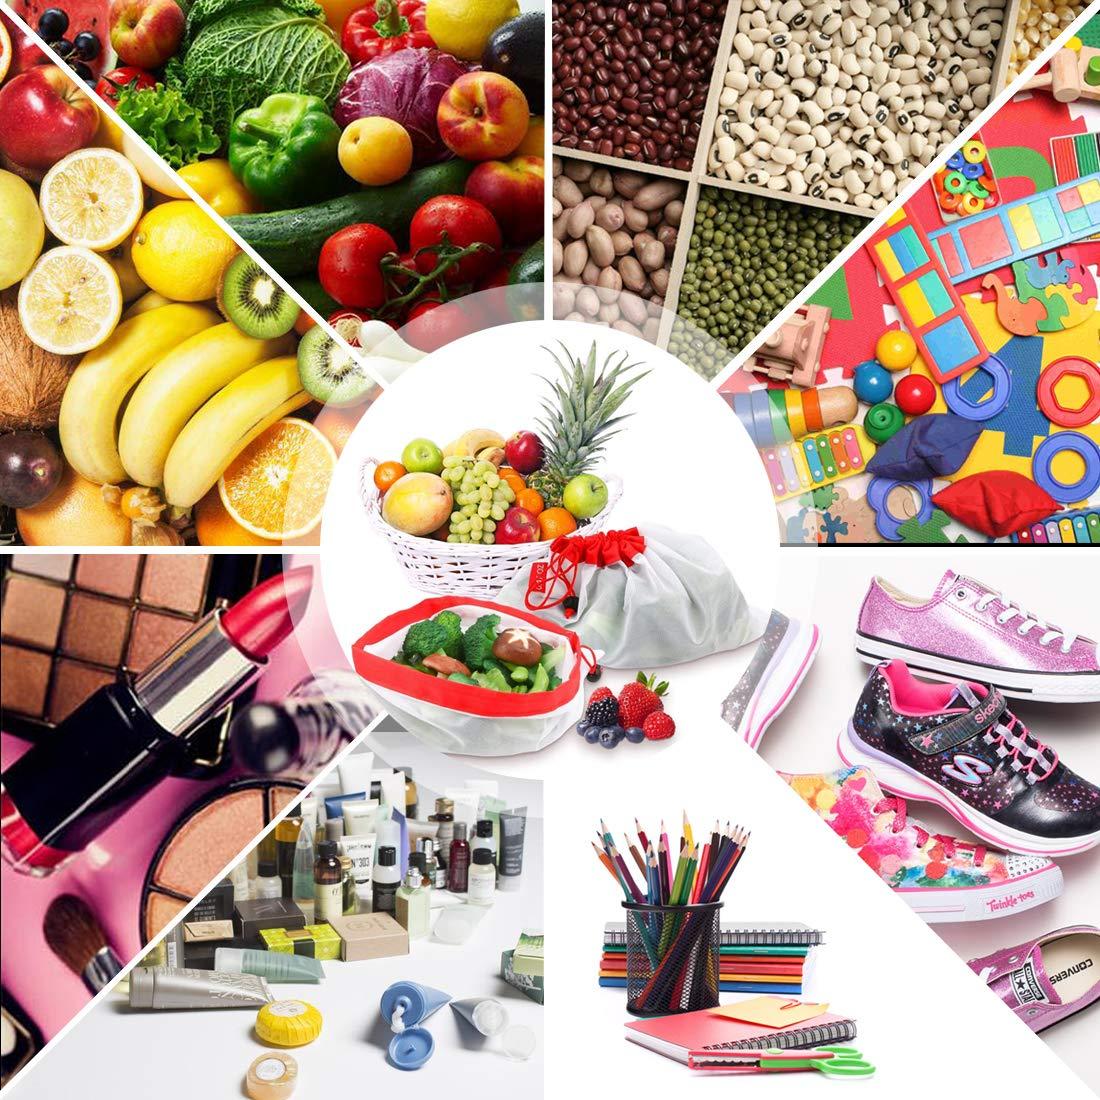 15 Unidades para Almacenamiento de Compras de comestibles con Peso de Tara en Etiquetas AUSYDE Bolsas Reutilizables de Malla para Productos de Frutas y Verduras ecol/ógicas